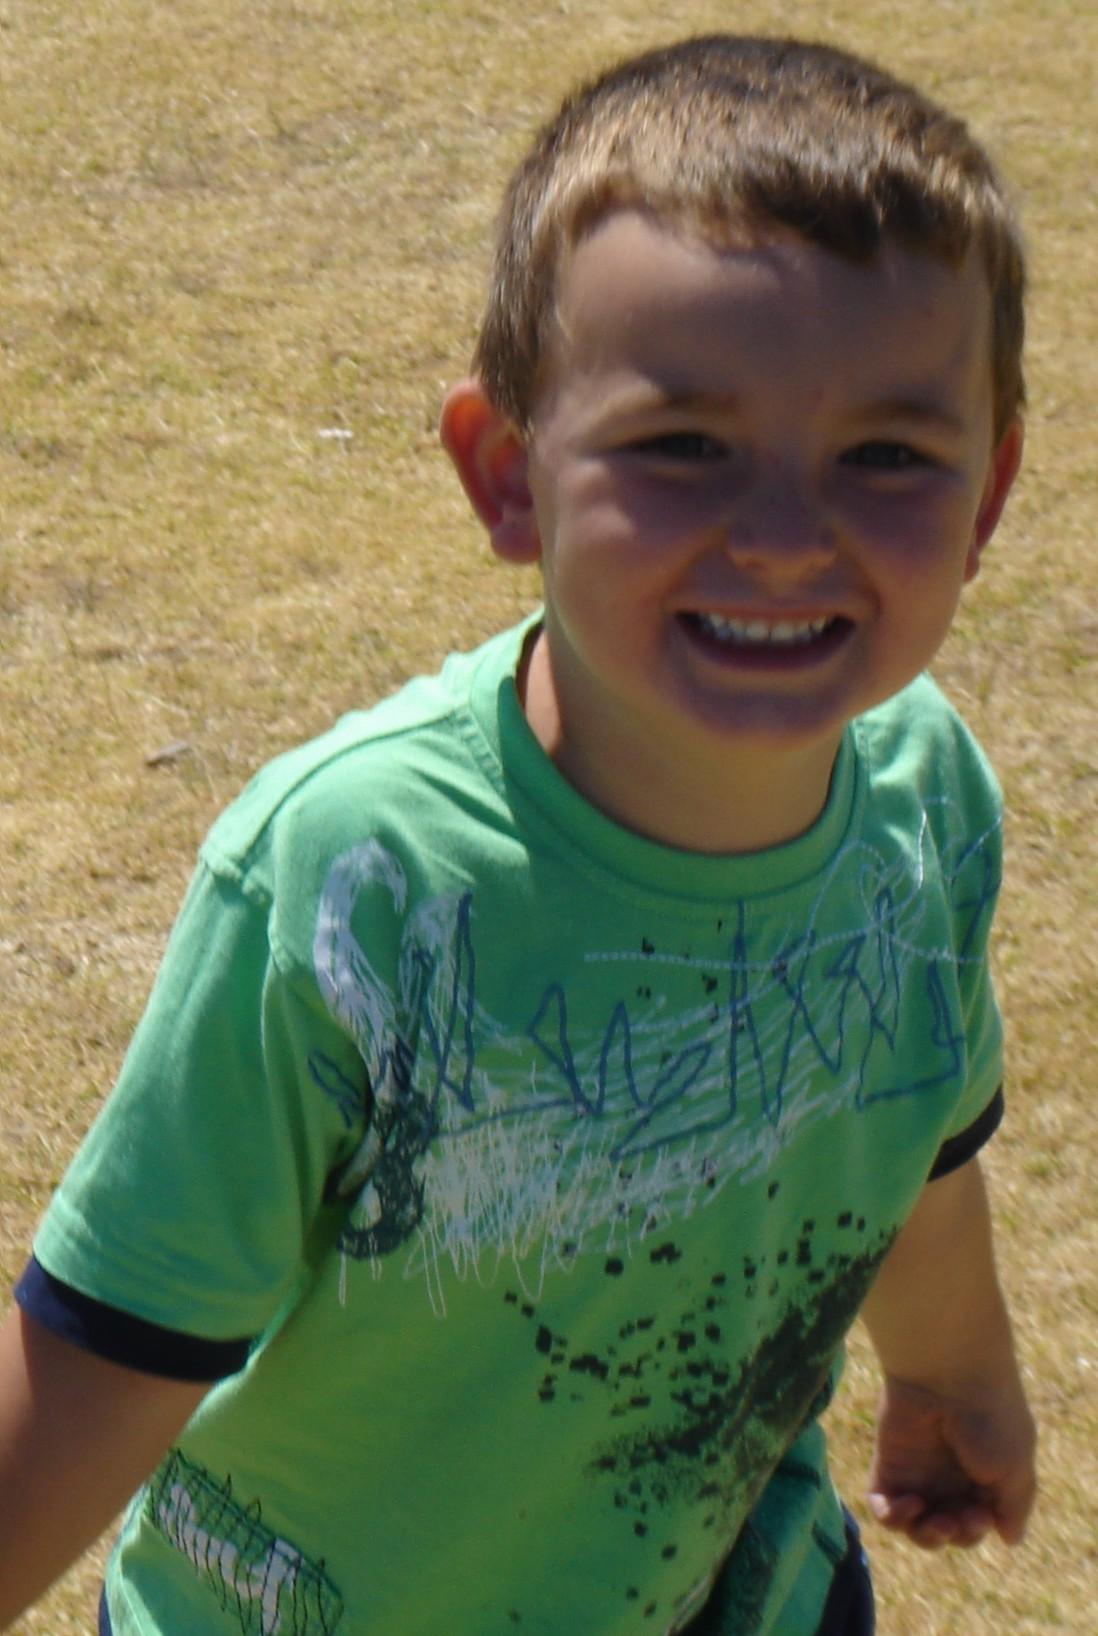 Chiropractic James Autism